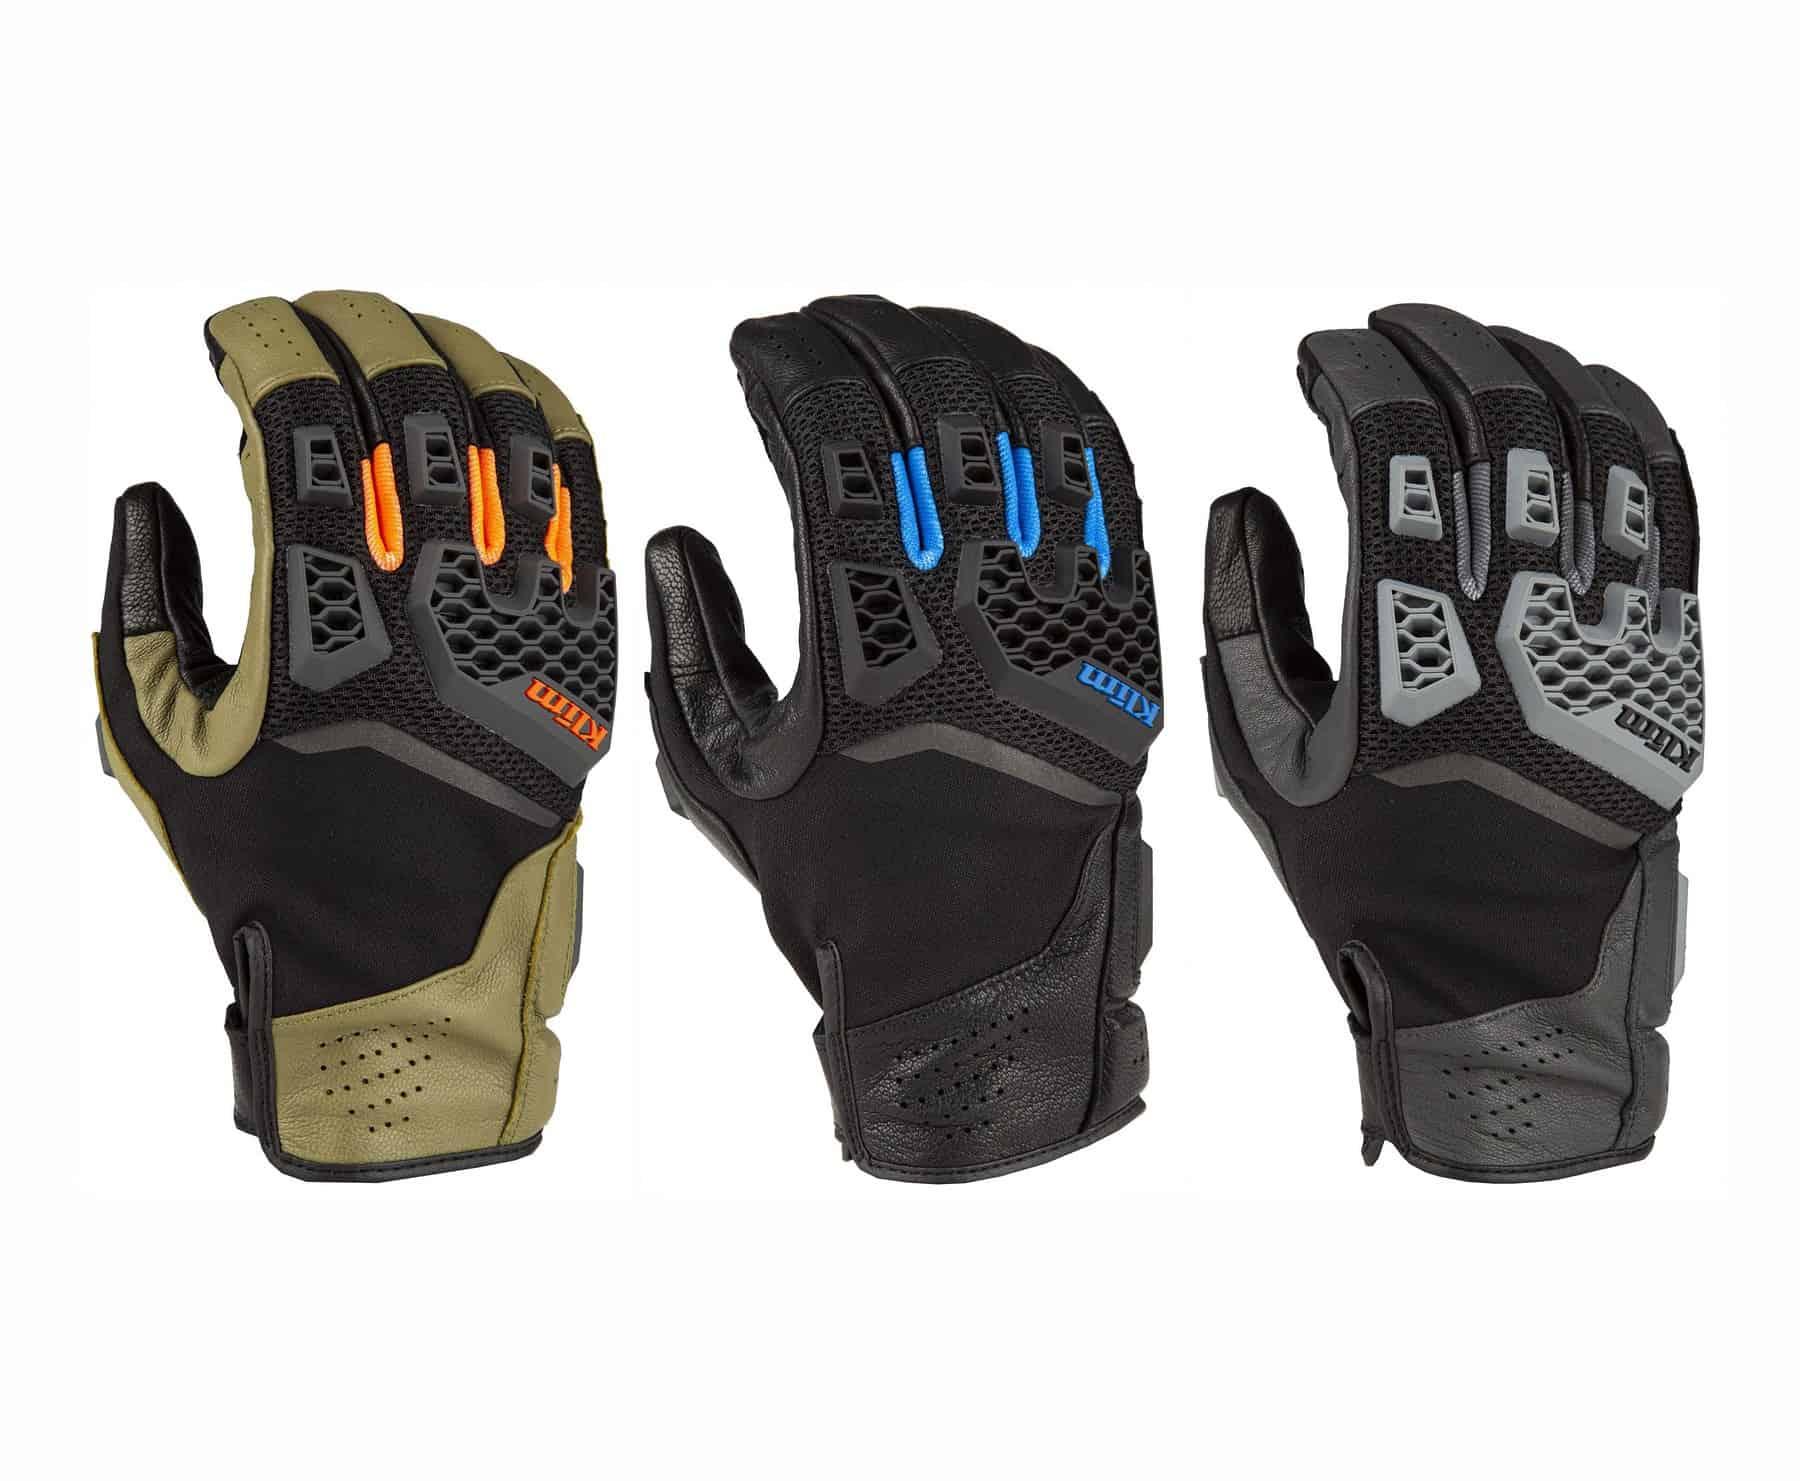 KLIM-New-Baja-S4-gloves 4